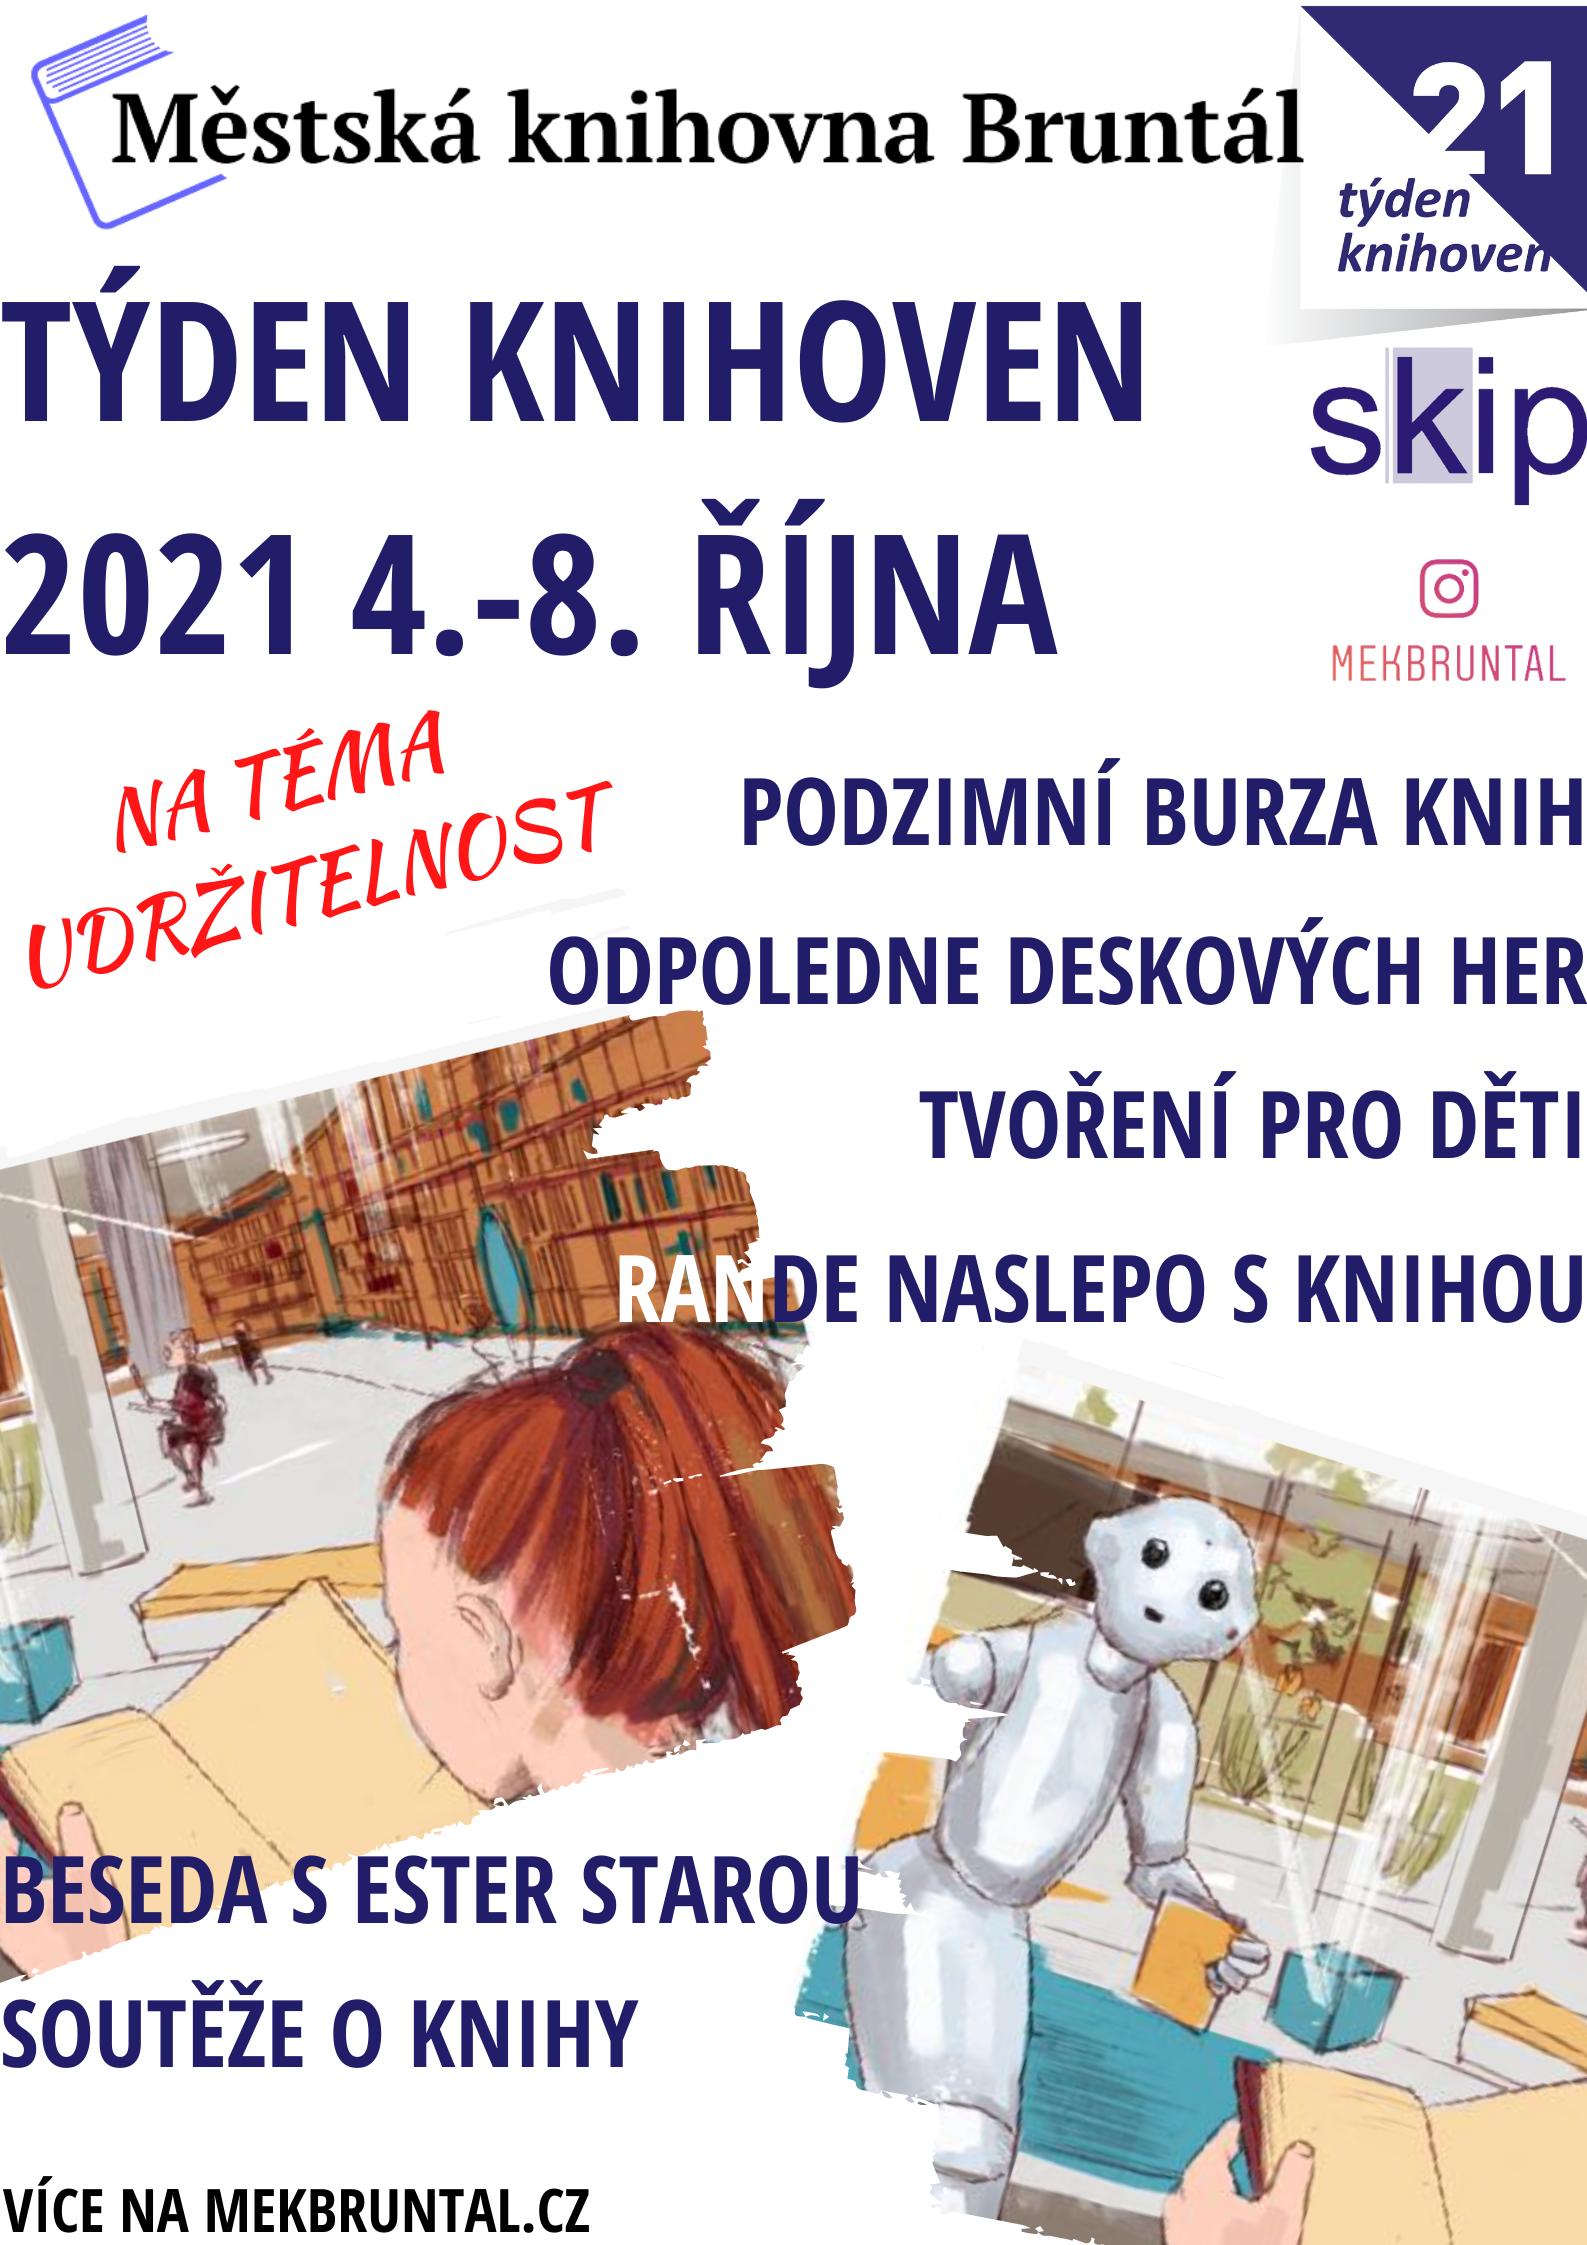 Týden knihoven 2021